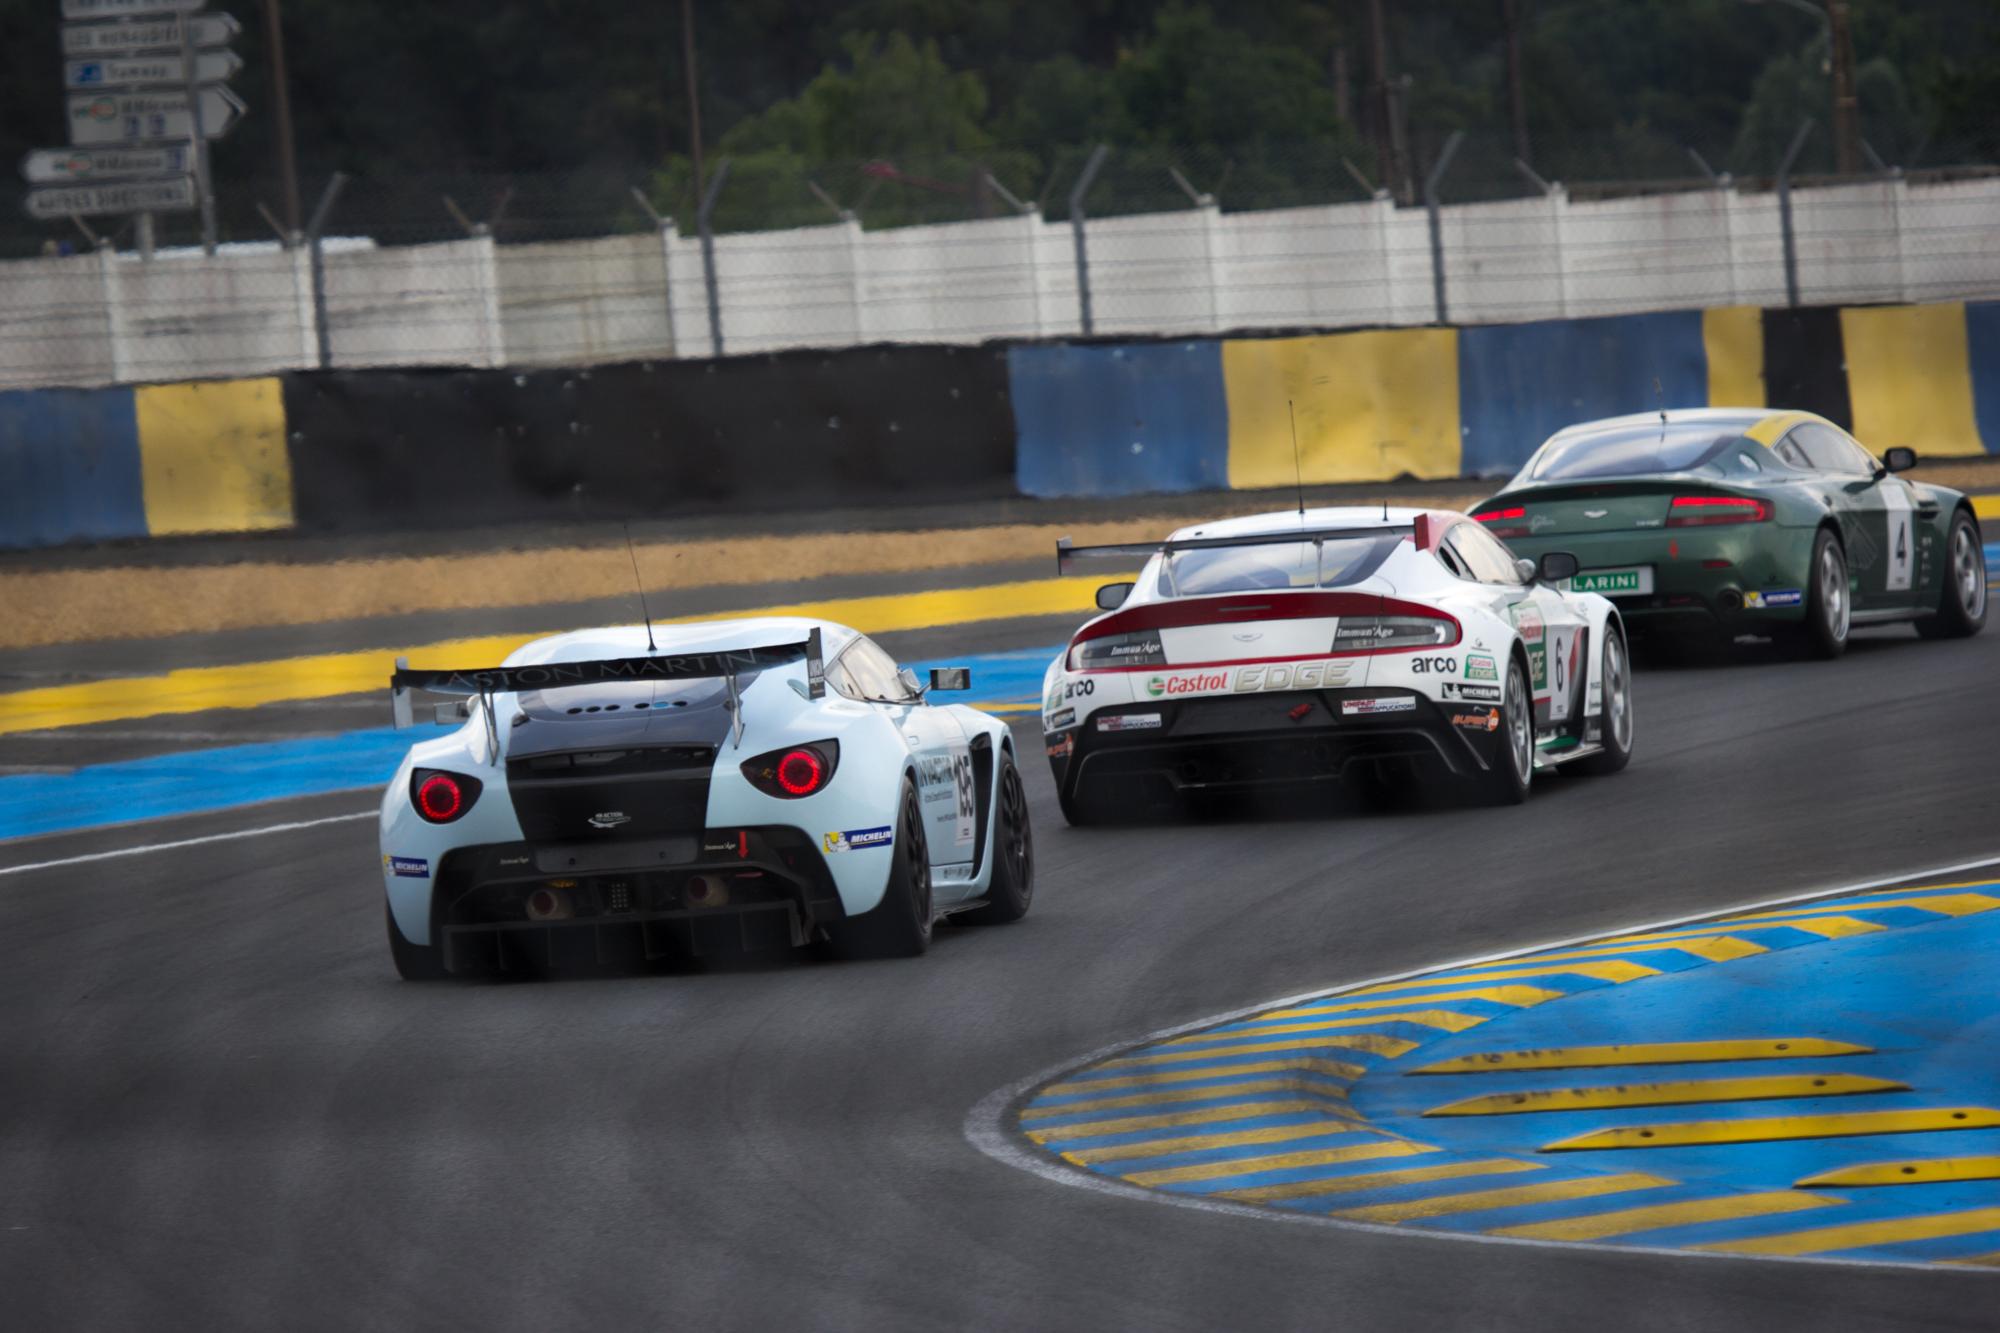 FileAston Martin V Zagato Aston Martin V Vantage VLN Aston - Aston martin v12 zagato